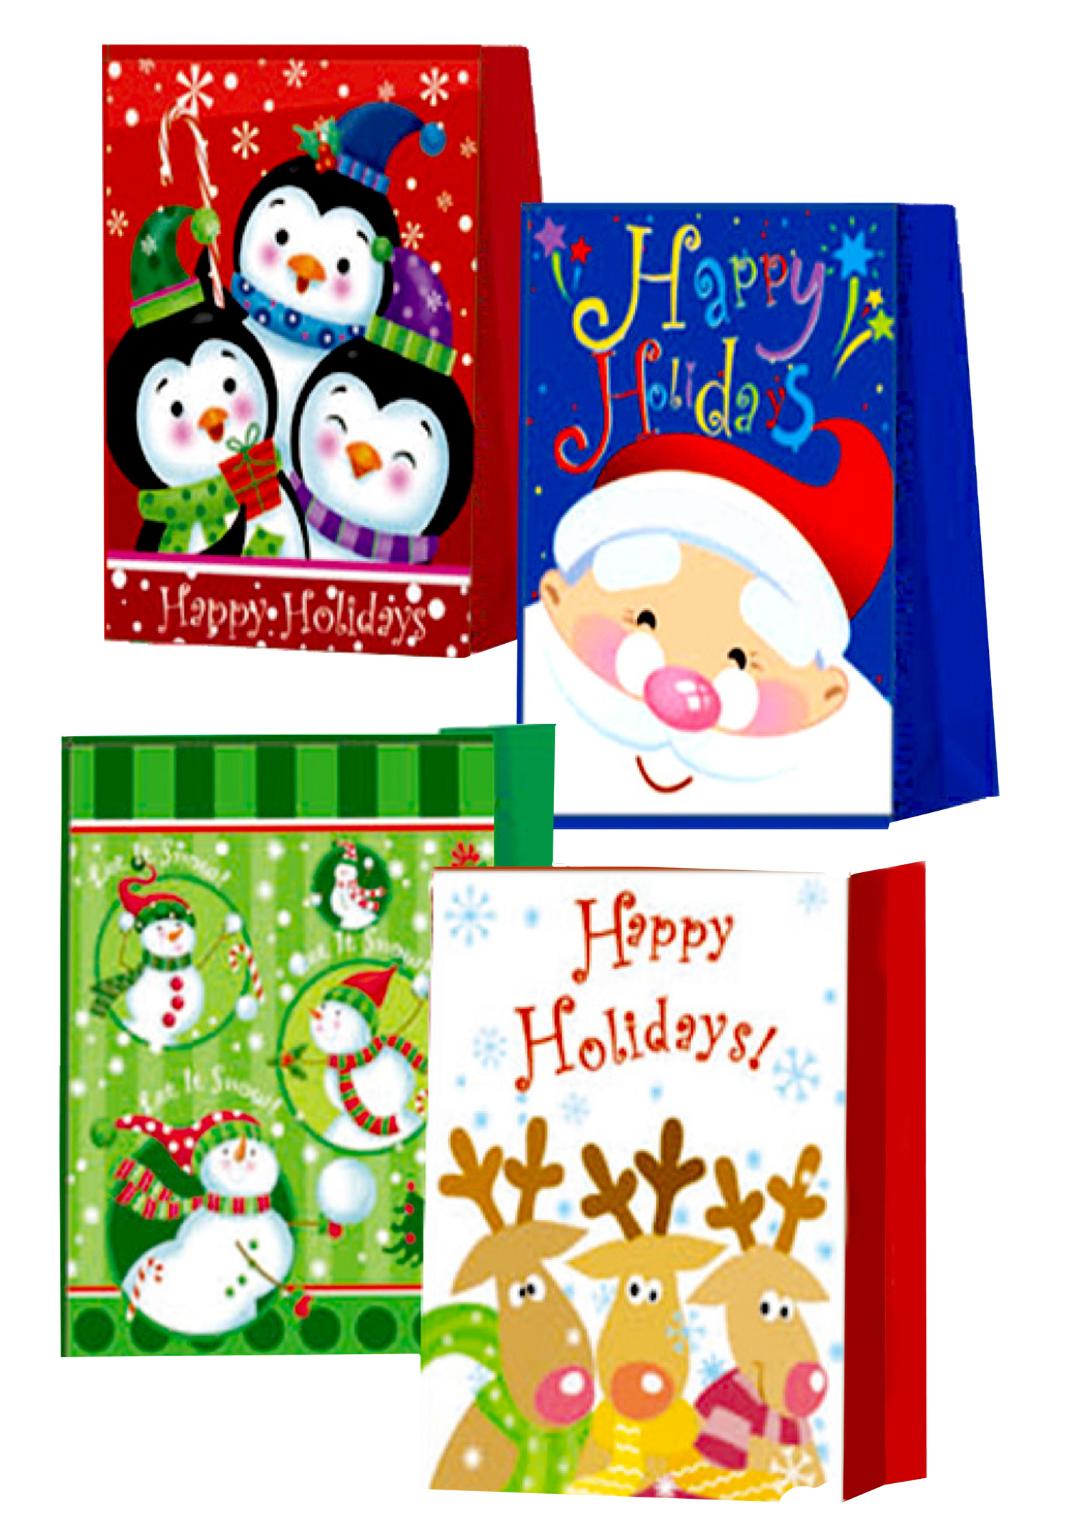 ''CHRISTMAS Gift Bags - Medium size - 9'''' x 7'''' x 4'''' - Asst [1930942]''